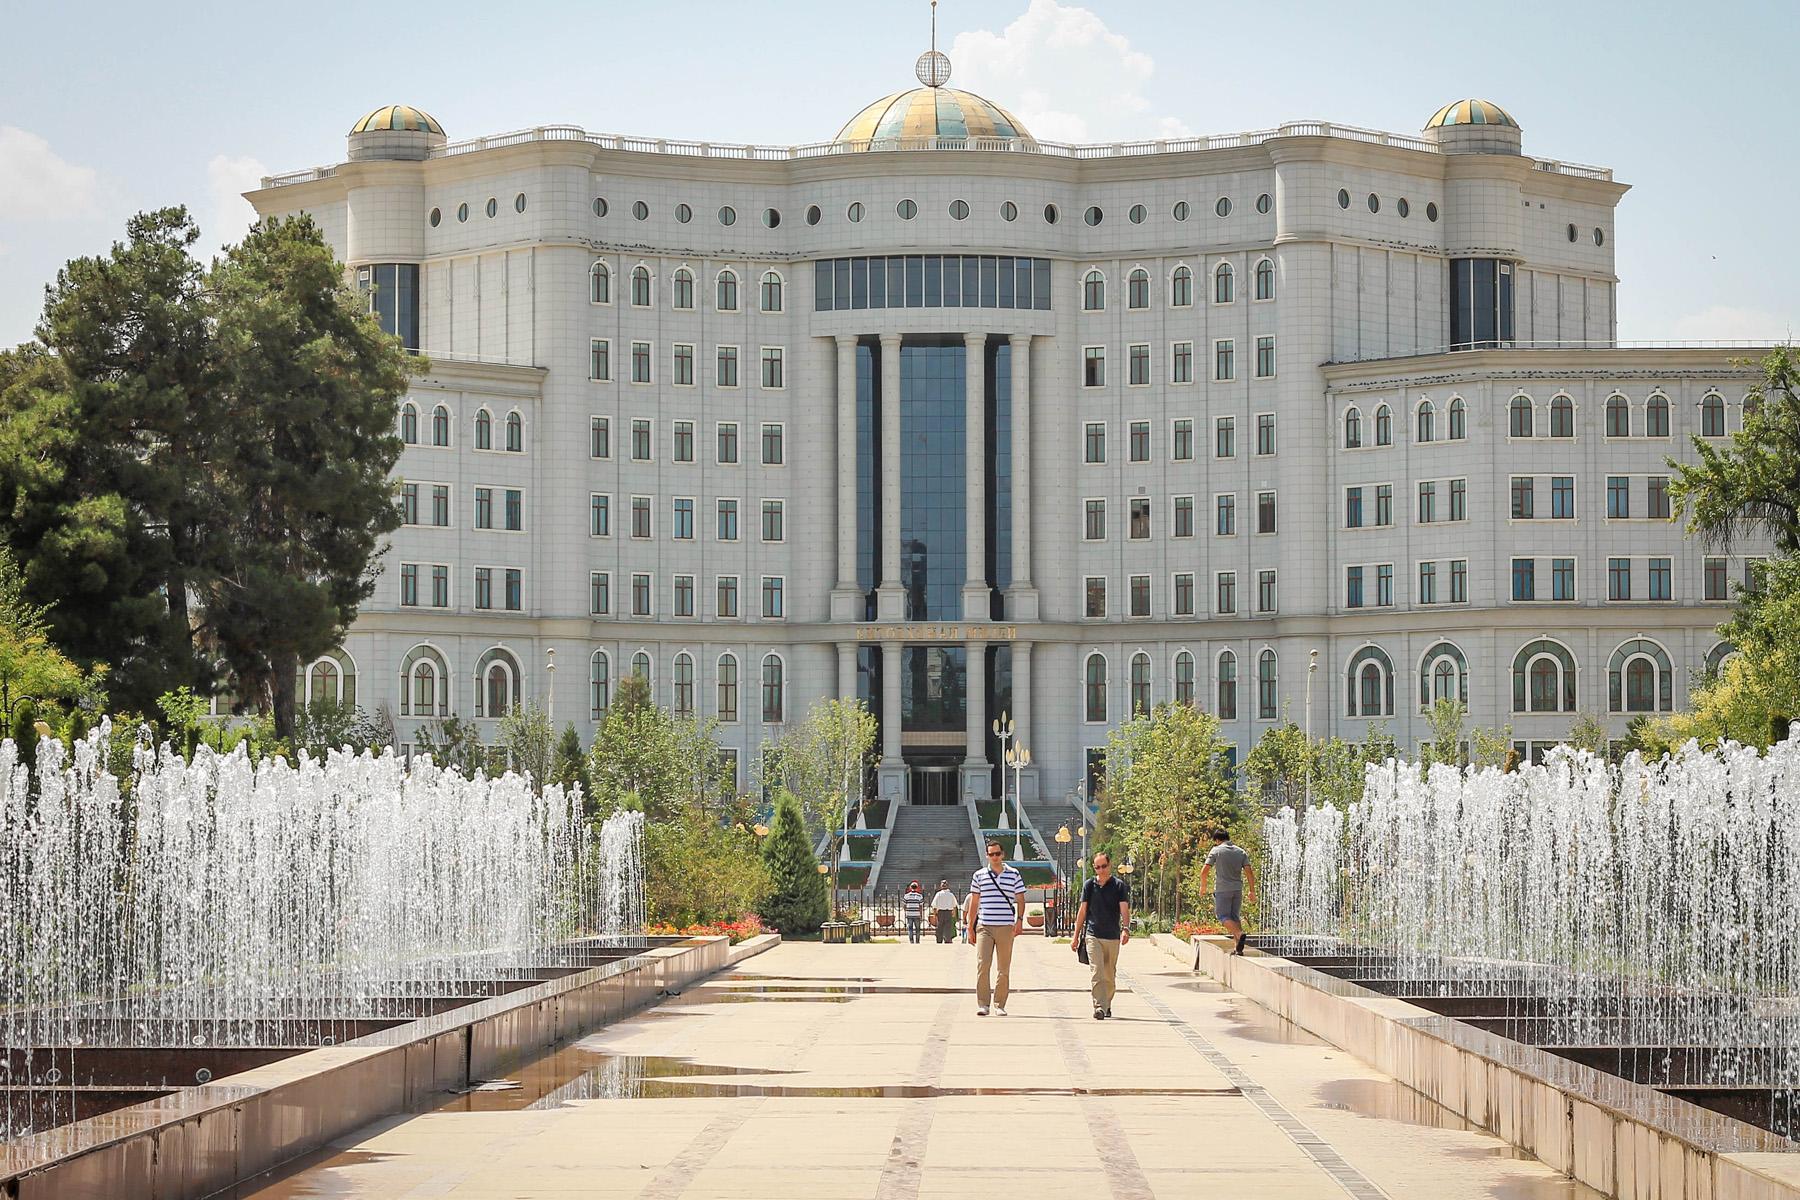 Rządowe budynki zaraz obok pomnika Samoniego.